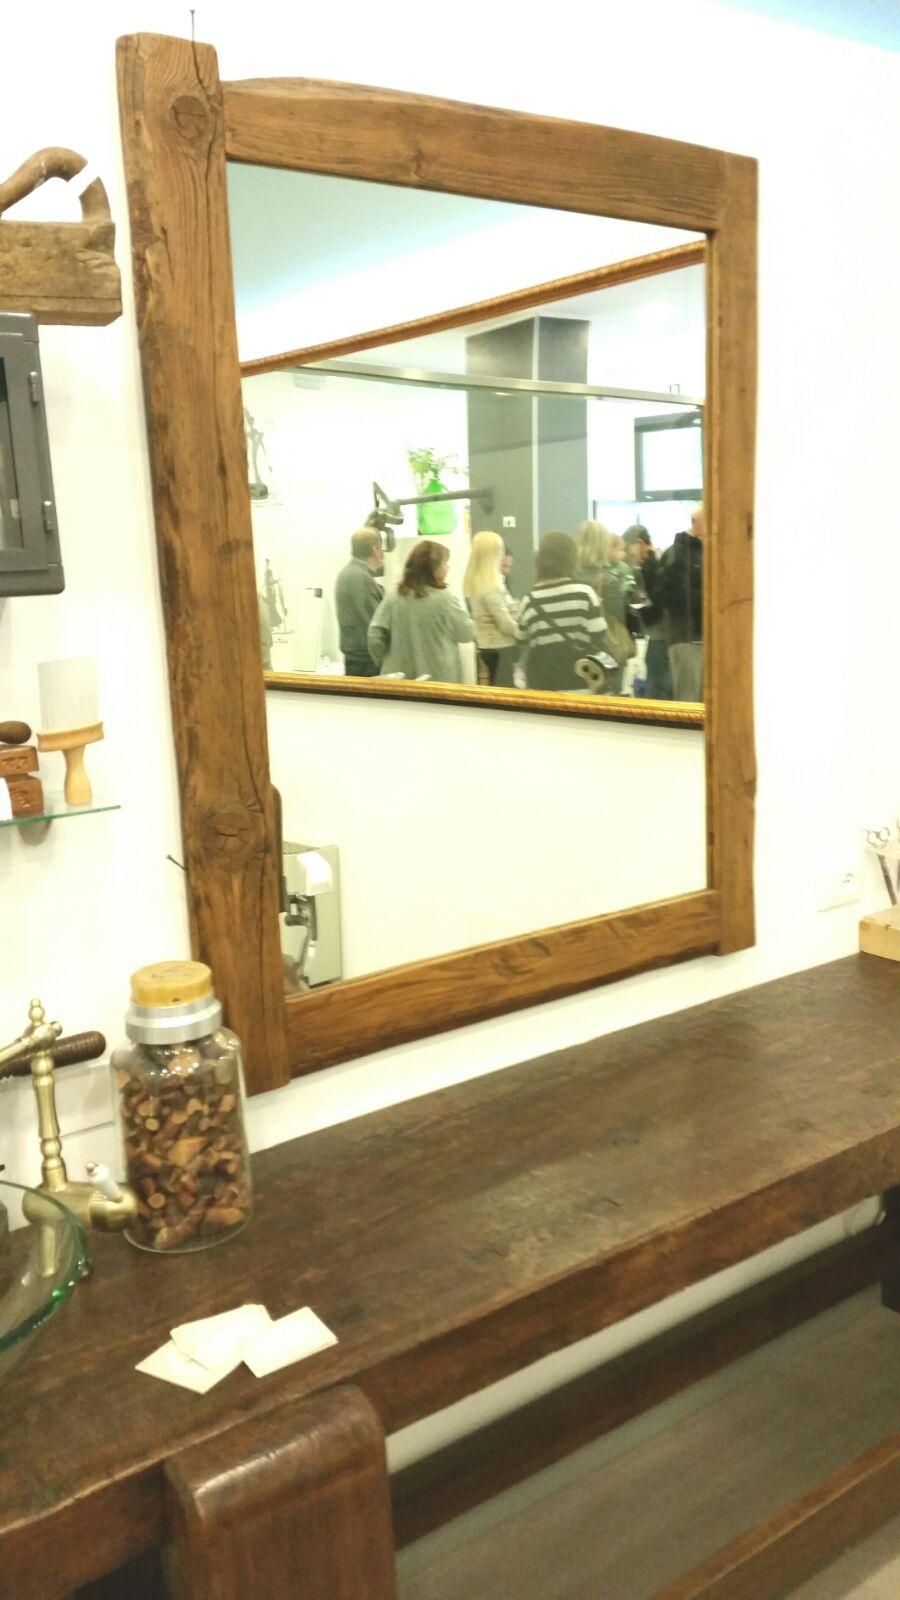 Arredamento negozio barber shop antichit e restauro for Arredamento shop